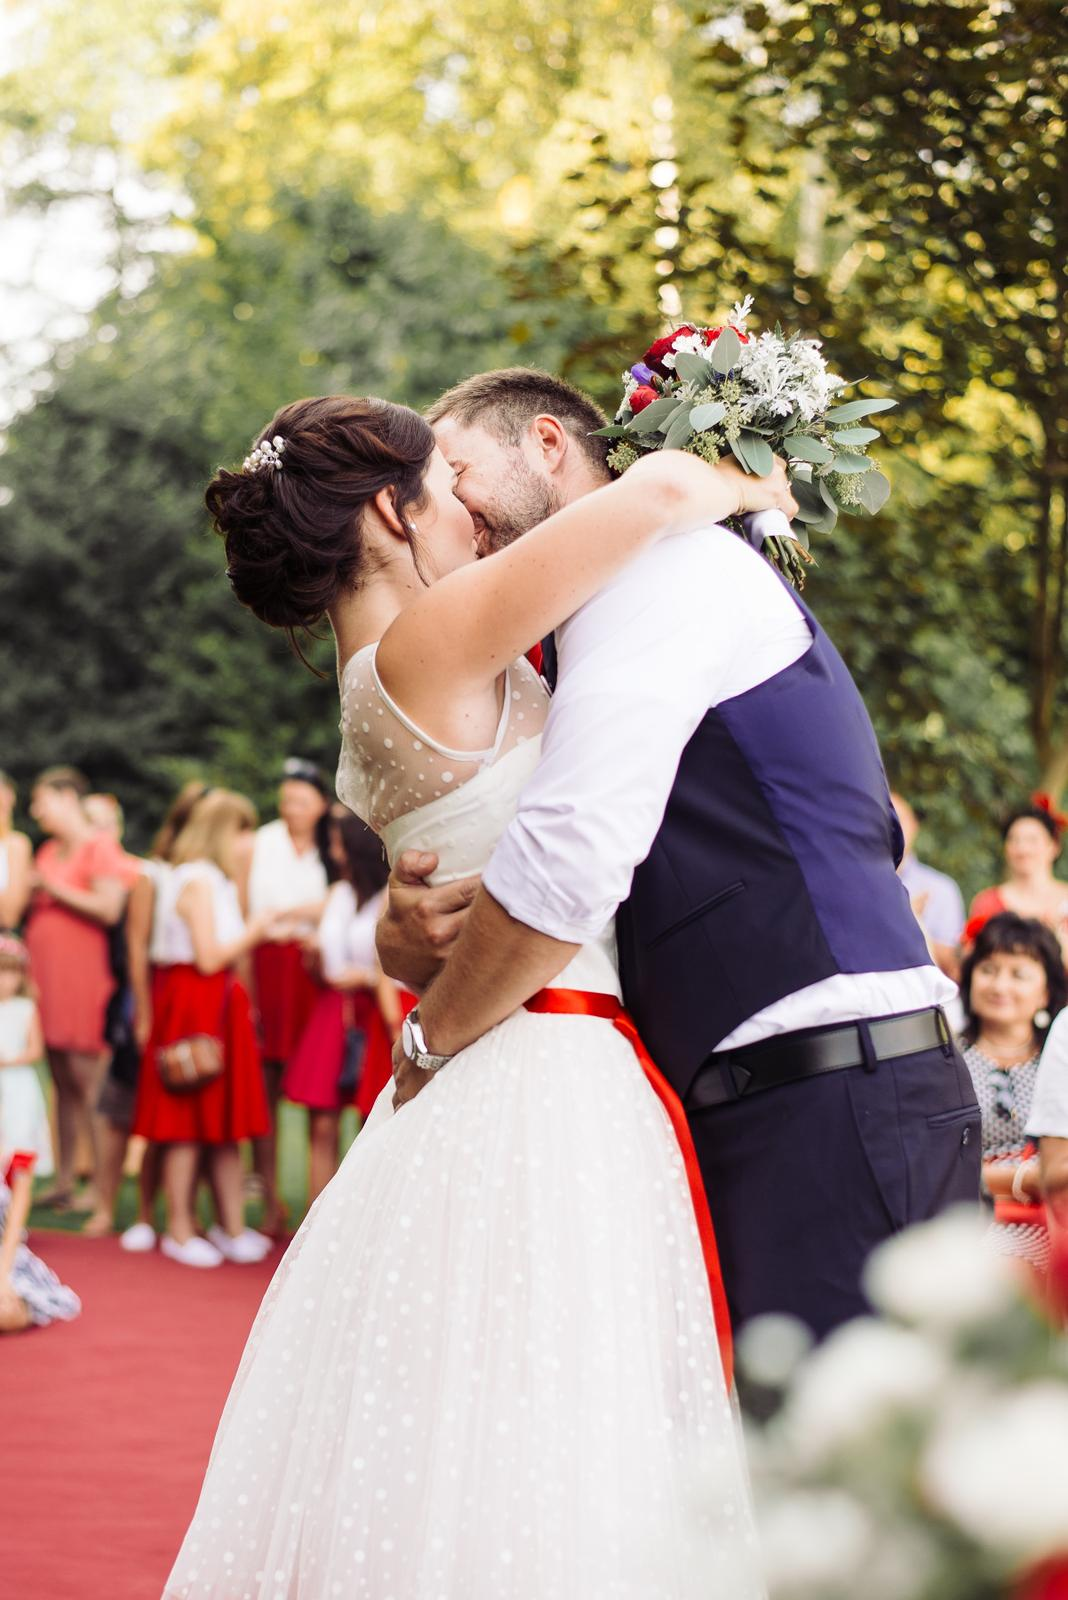 Terka a Michal, retro svatba na přehradě - Obrázek č. 72